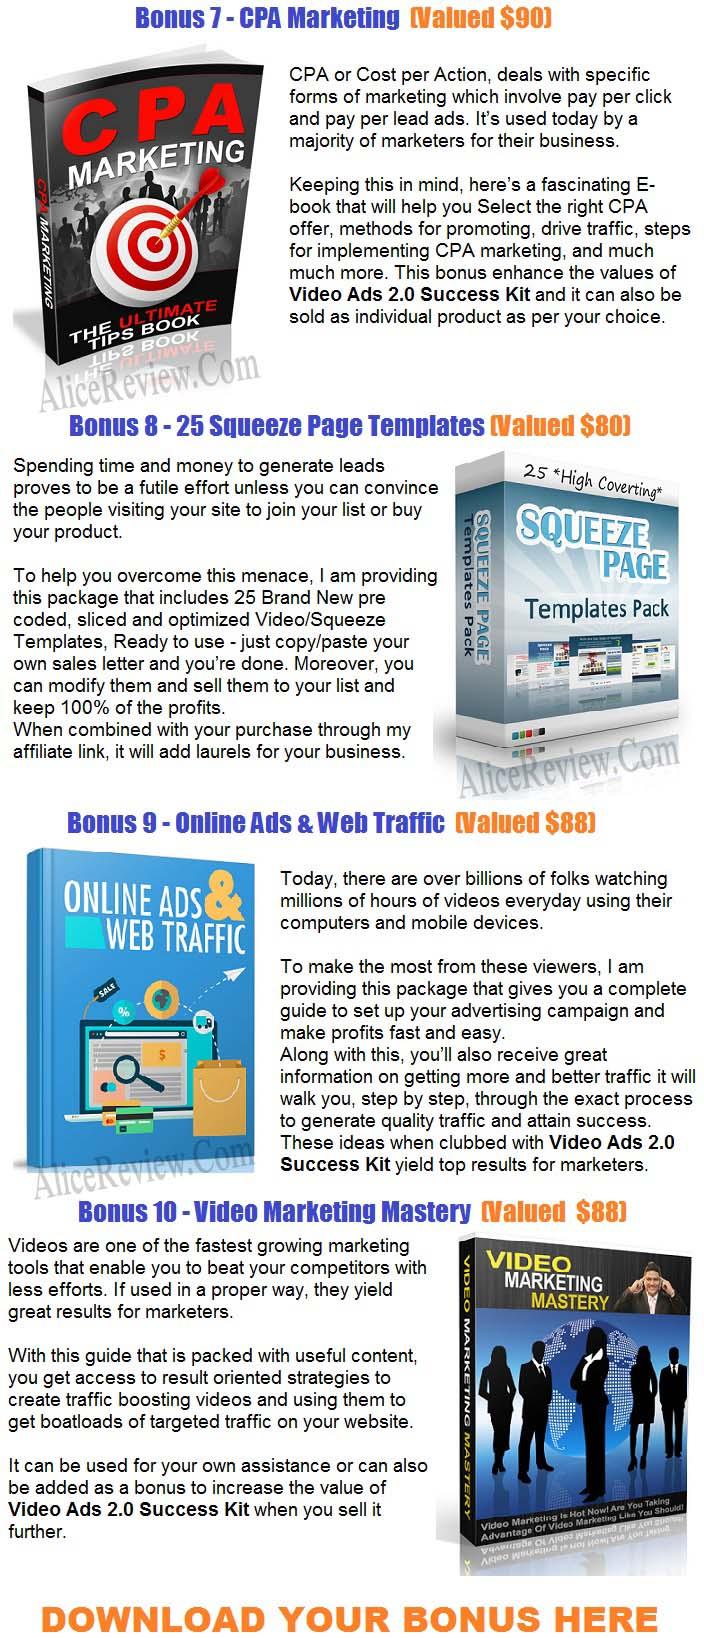 Video Ads 2.0 Success Kit PLR Bonuses